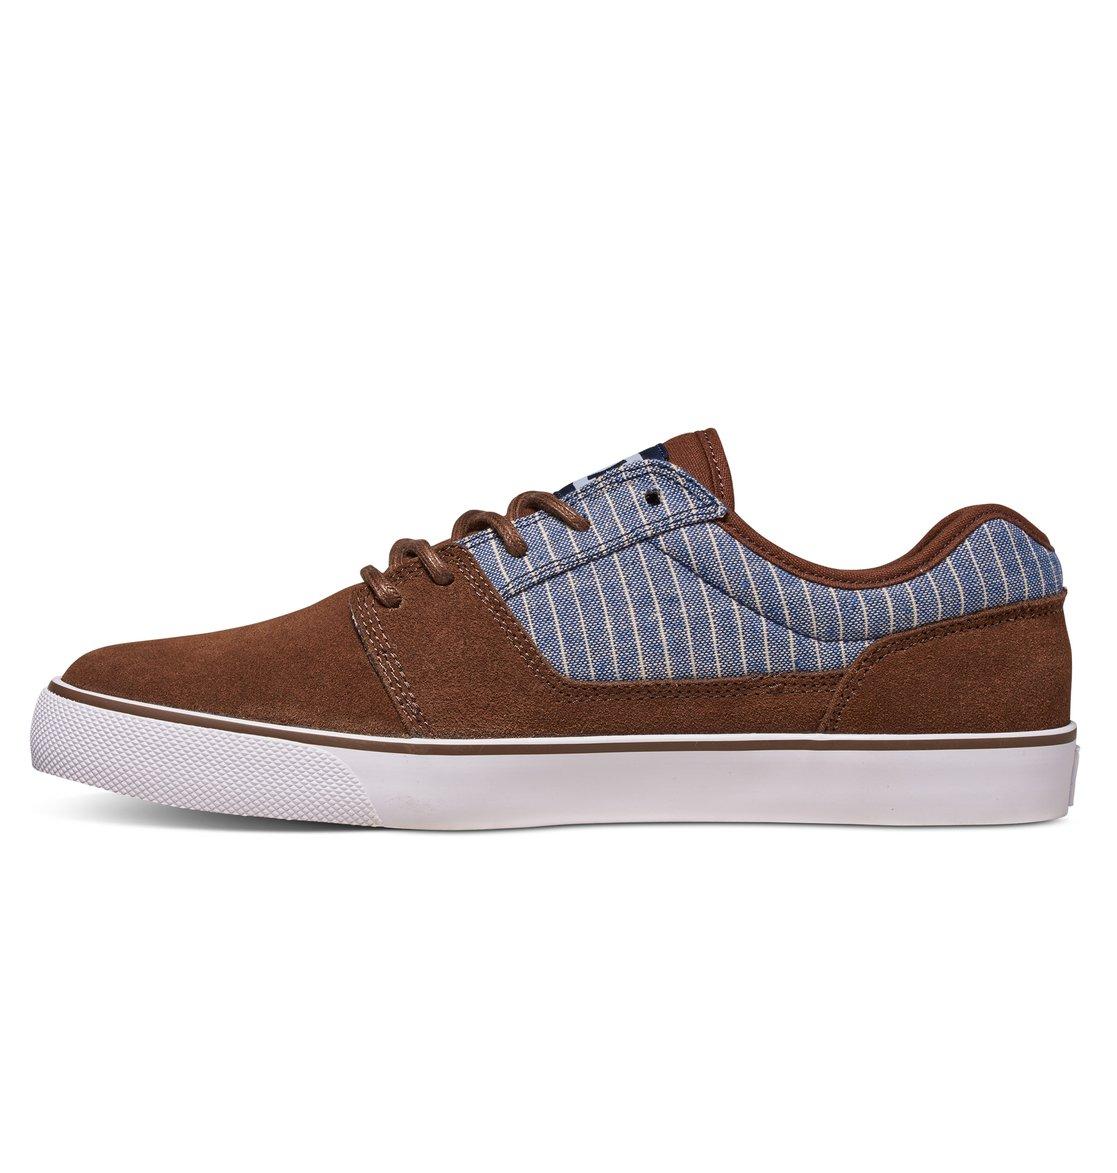 Buty Dc Tonik Se (Brown/Blue) Ss17